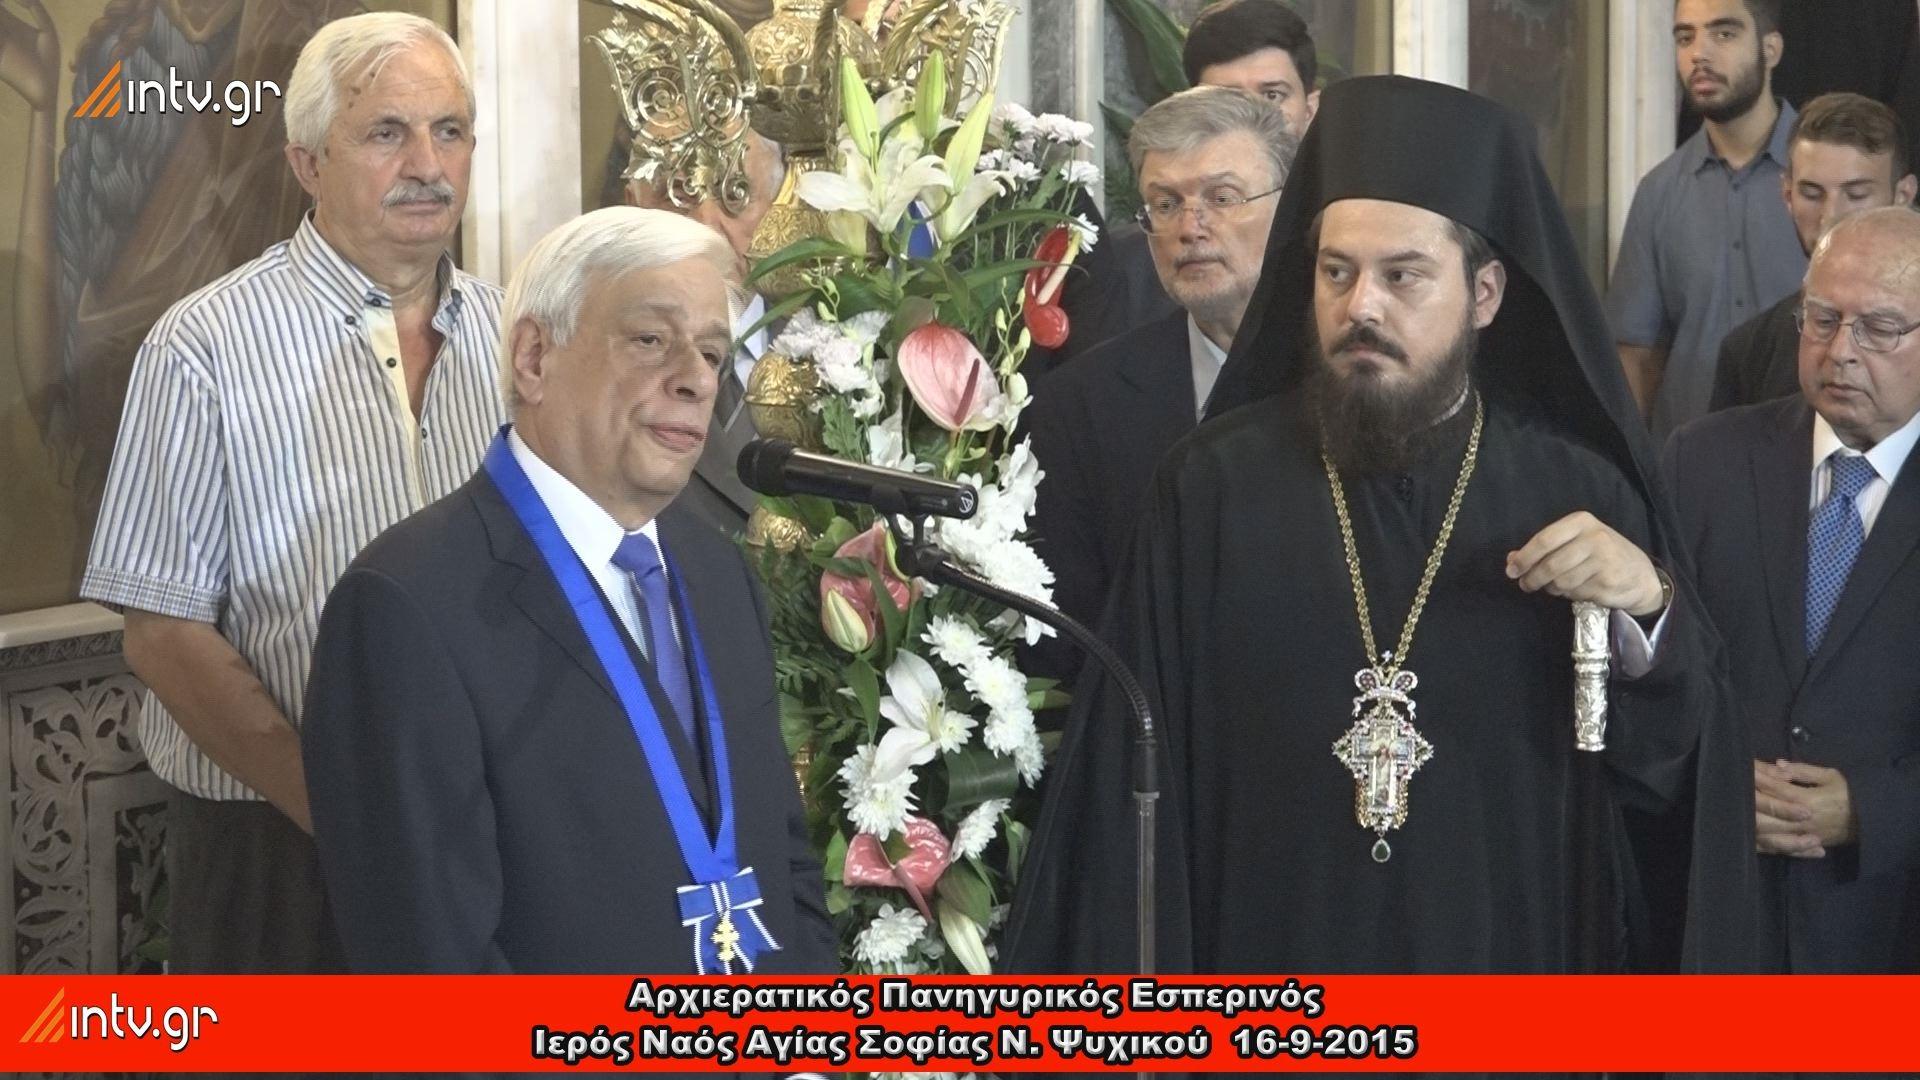 Αρχιερατικός Πανηγυρικός Εσπερινός - Ιερός Ναός Αγίας Σοφίας Ν. Ψυχικού.